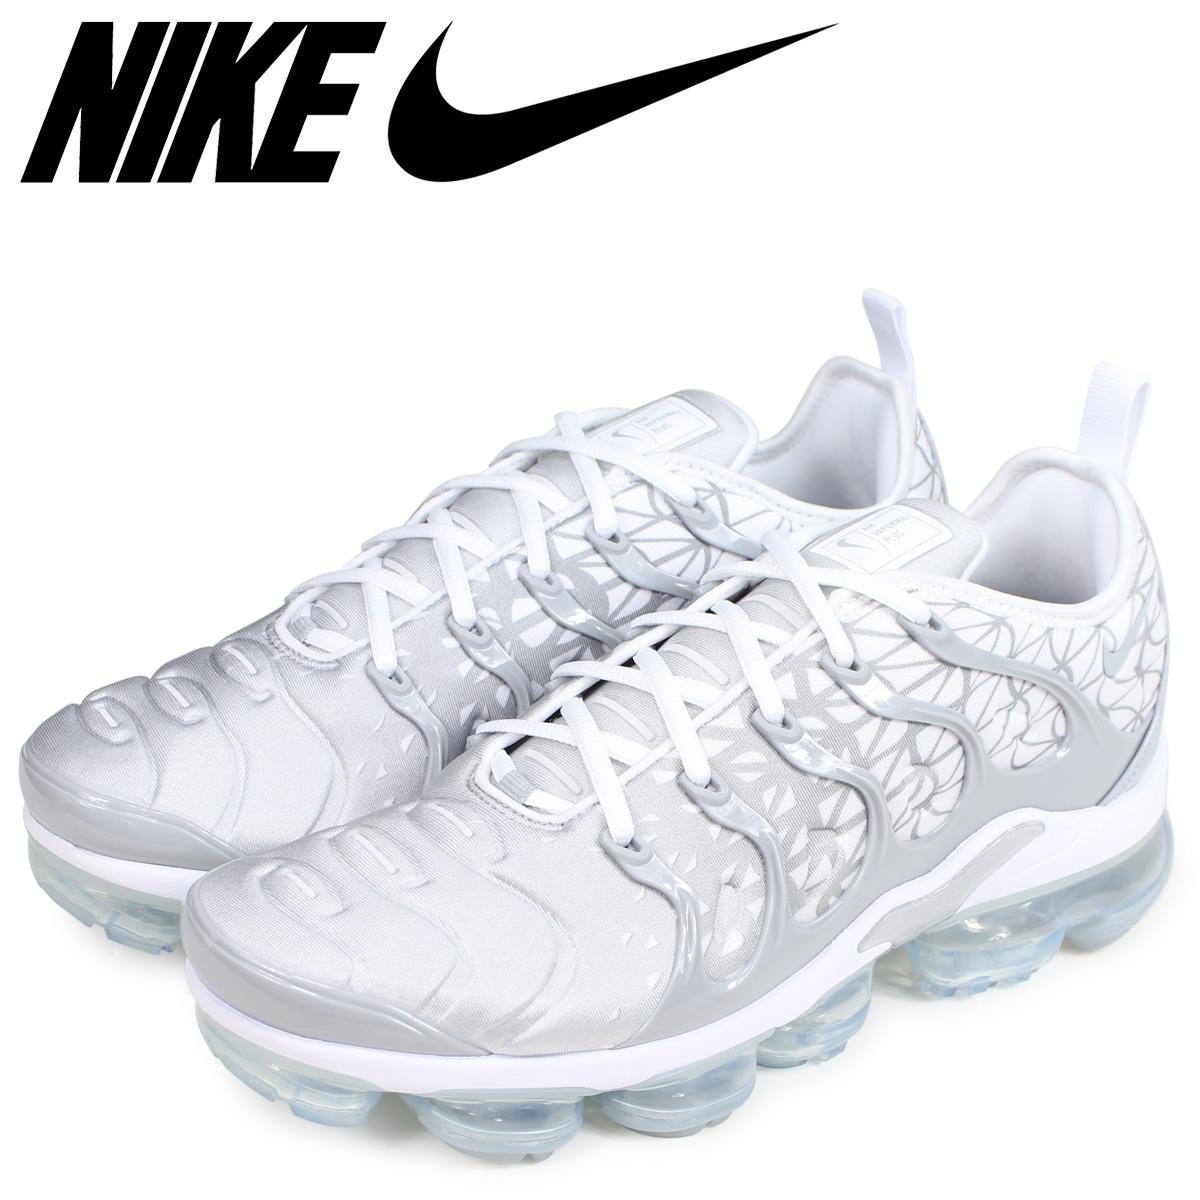 Sugar Online Shop: NIKE Nike vapor max plus sneakers men AIR